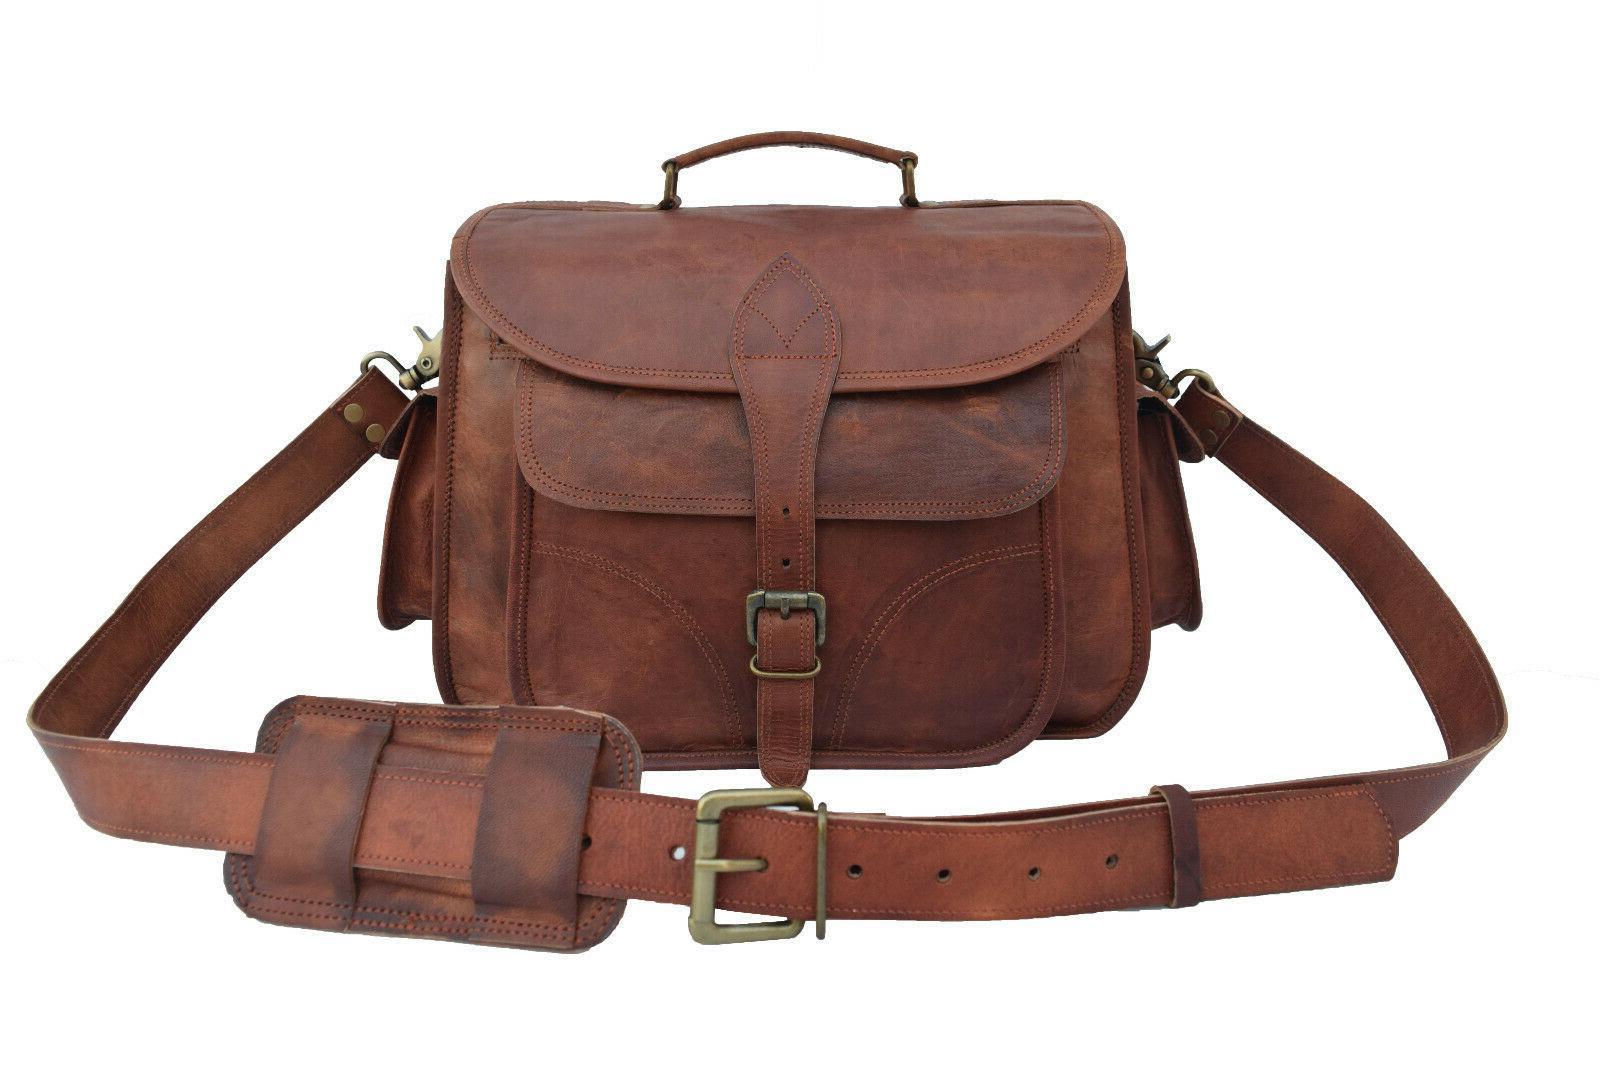 Vintage Camera Bag Crossbody Handbag